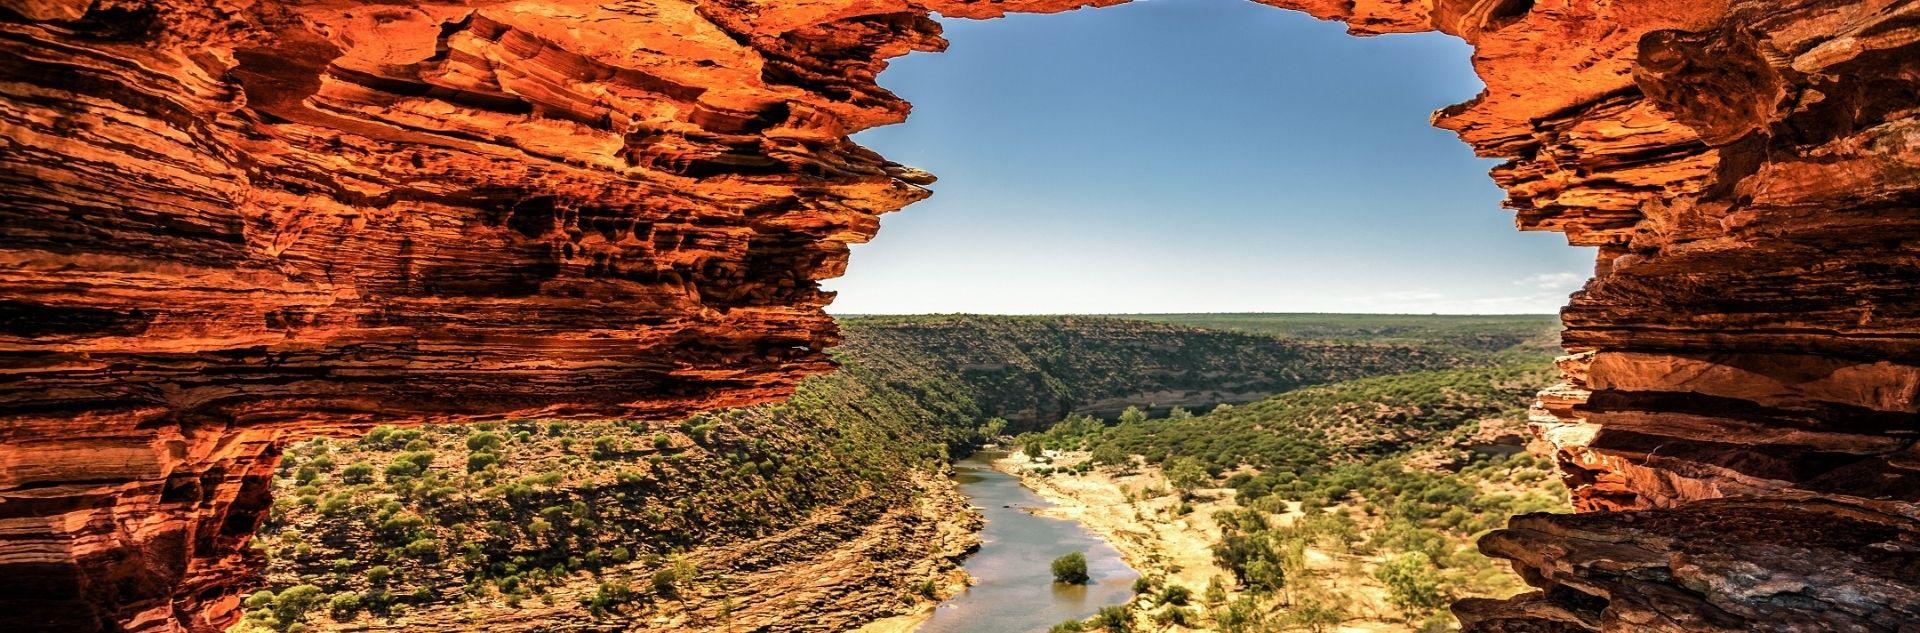 Fernreise Australien -Natur Red Stone